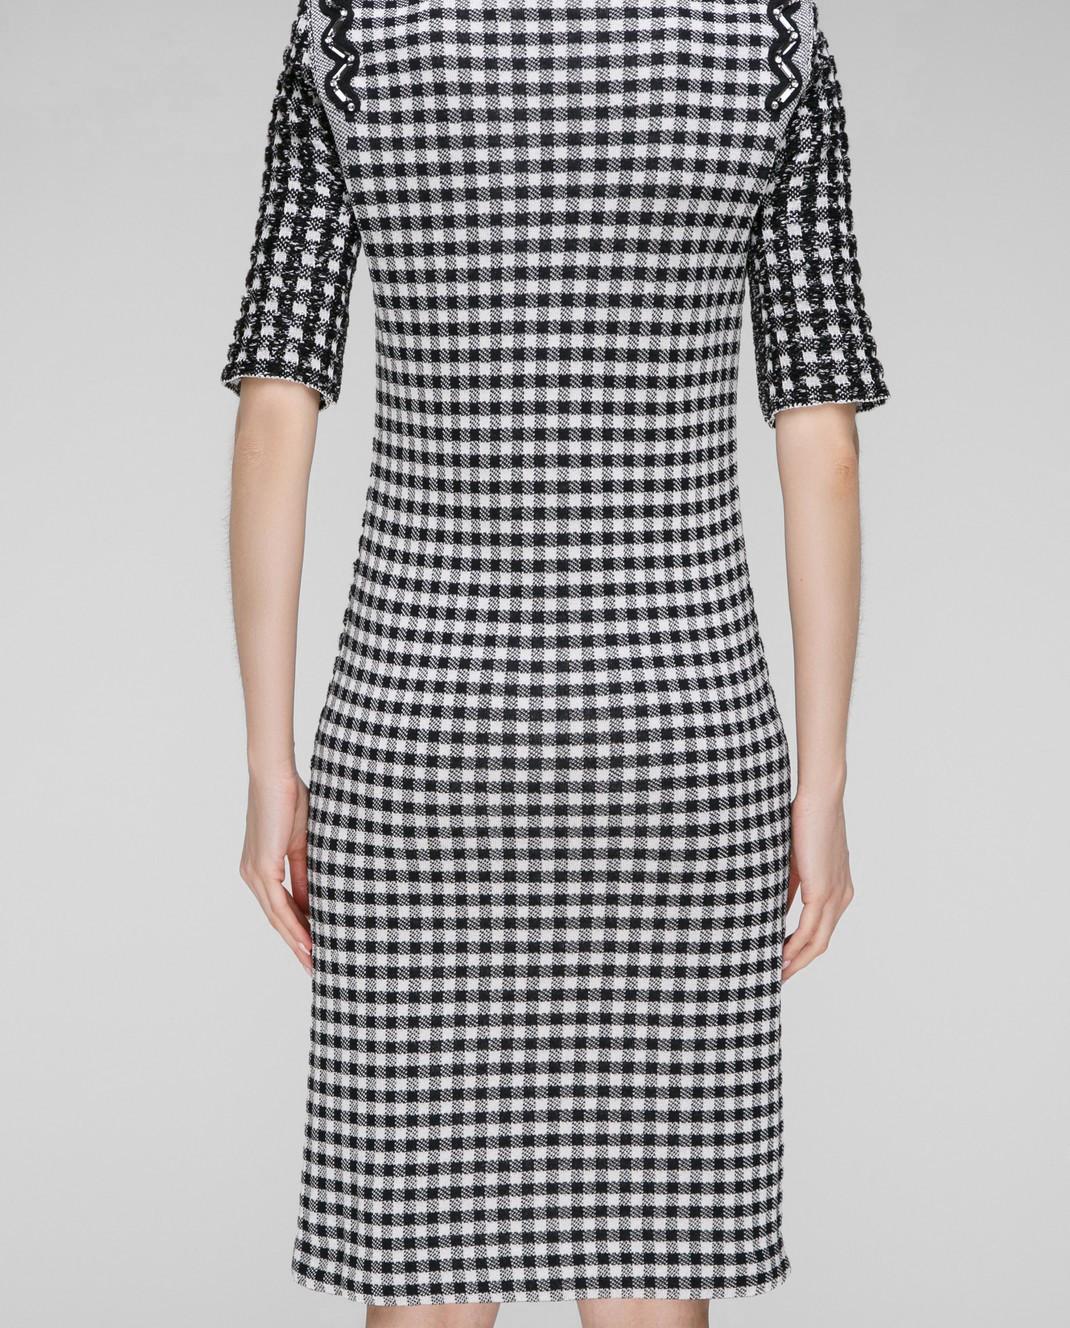 Sonia Rykiel Черное платье 17865419 изображение 4